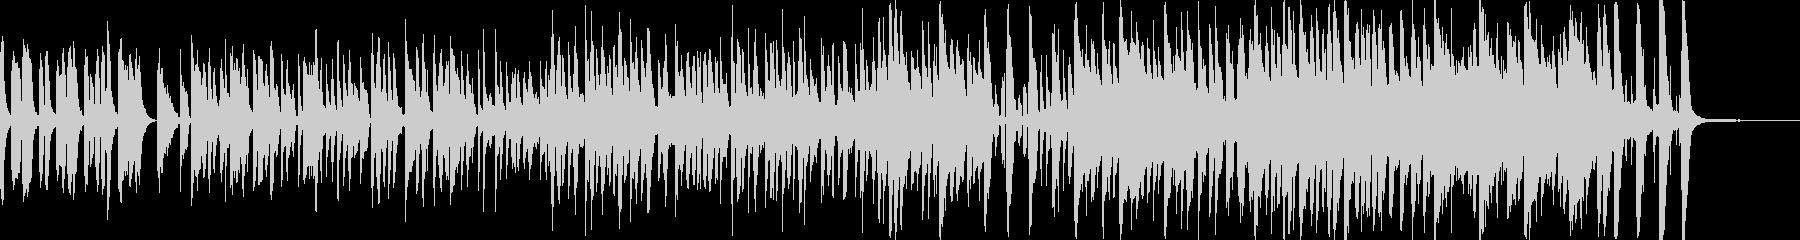 ポップでコミカルな日常曲の未再生の波形